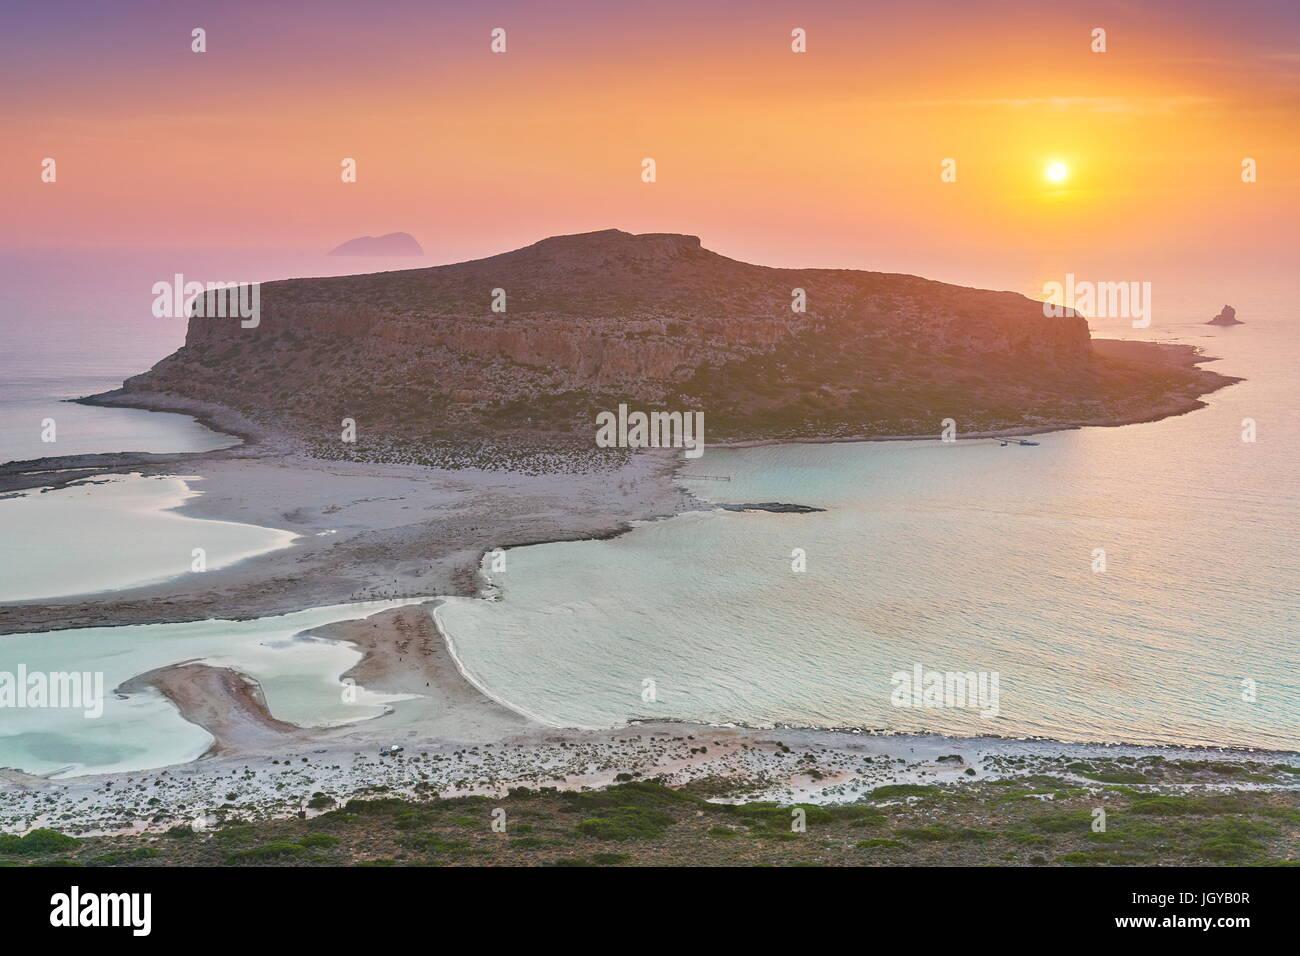 Atardecer en la playa de Balos, en la isla de Creta, Grecia Foto de stock